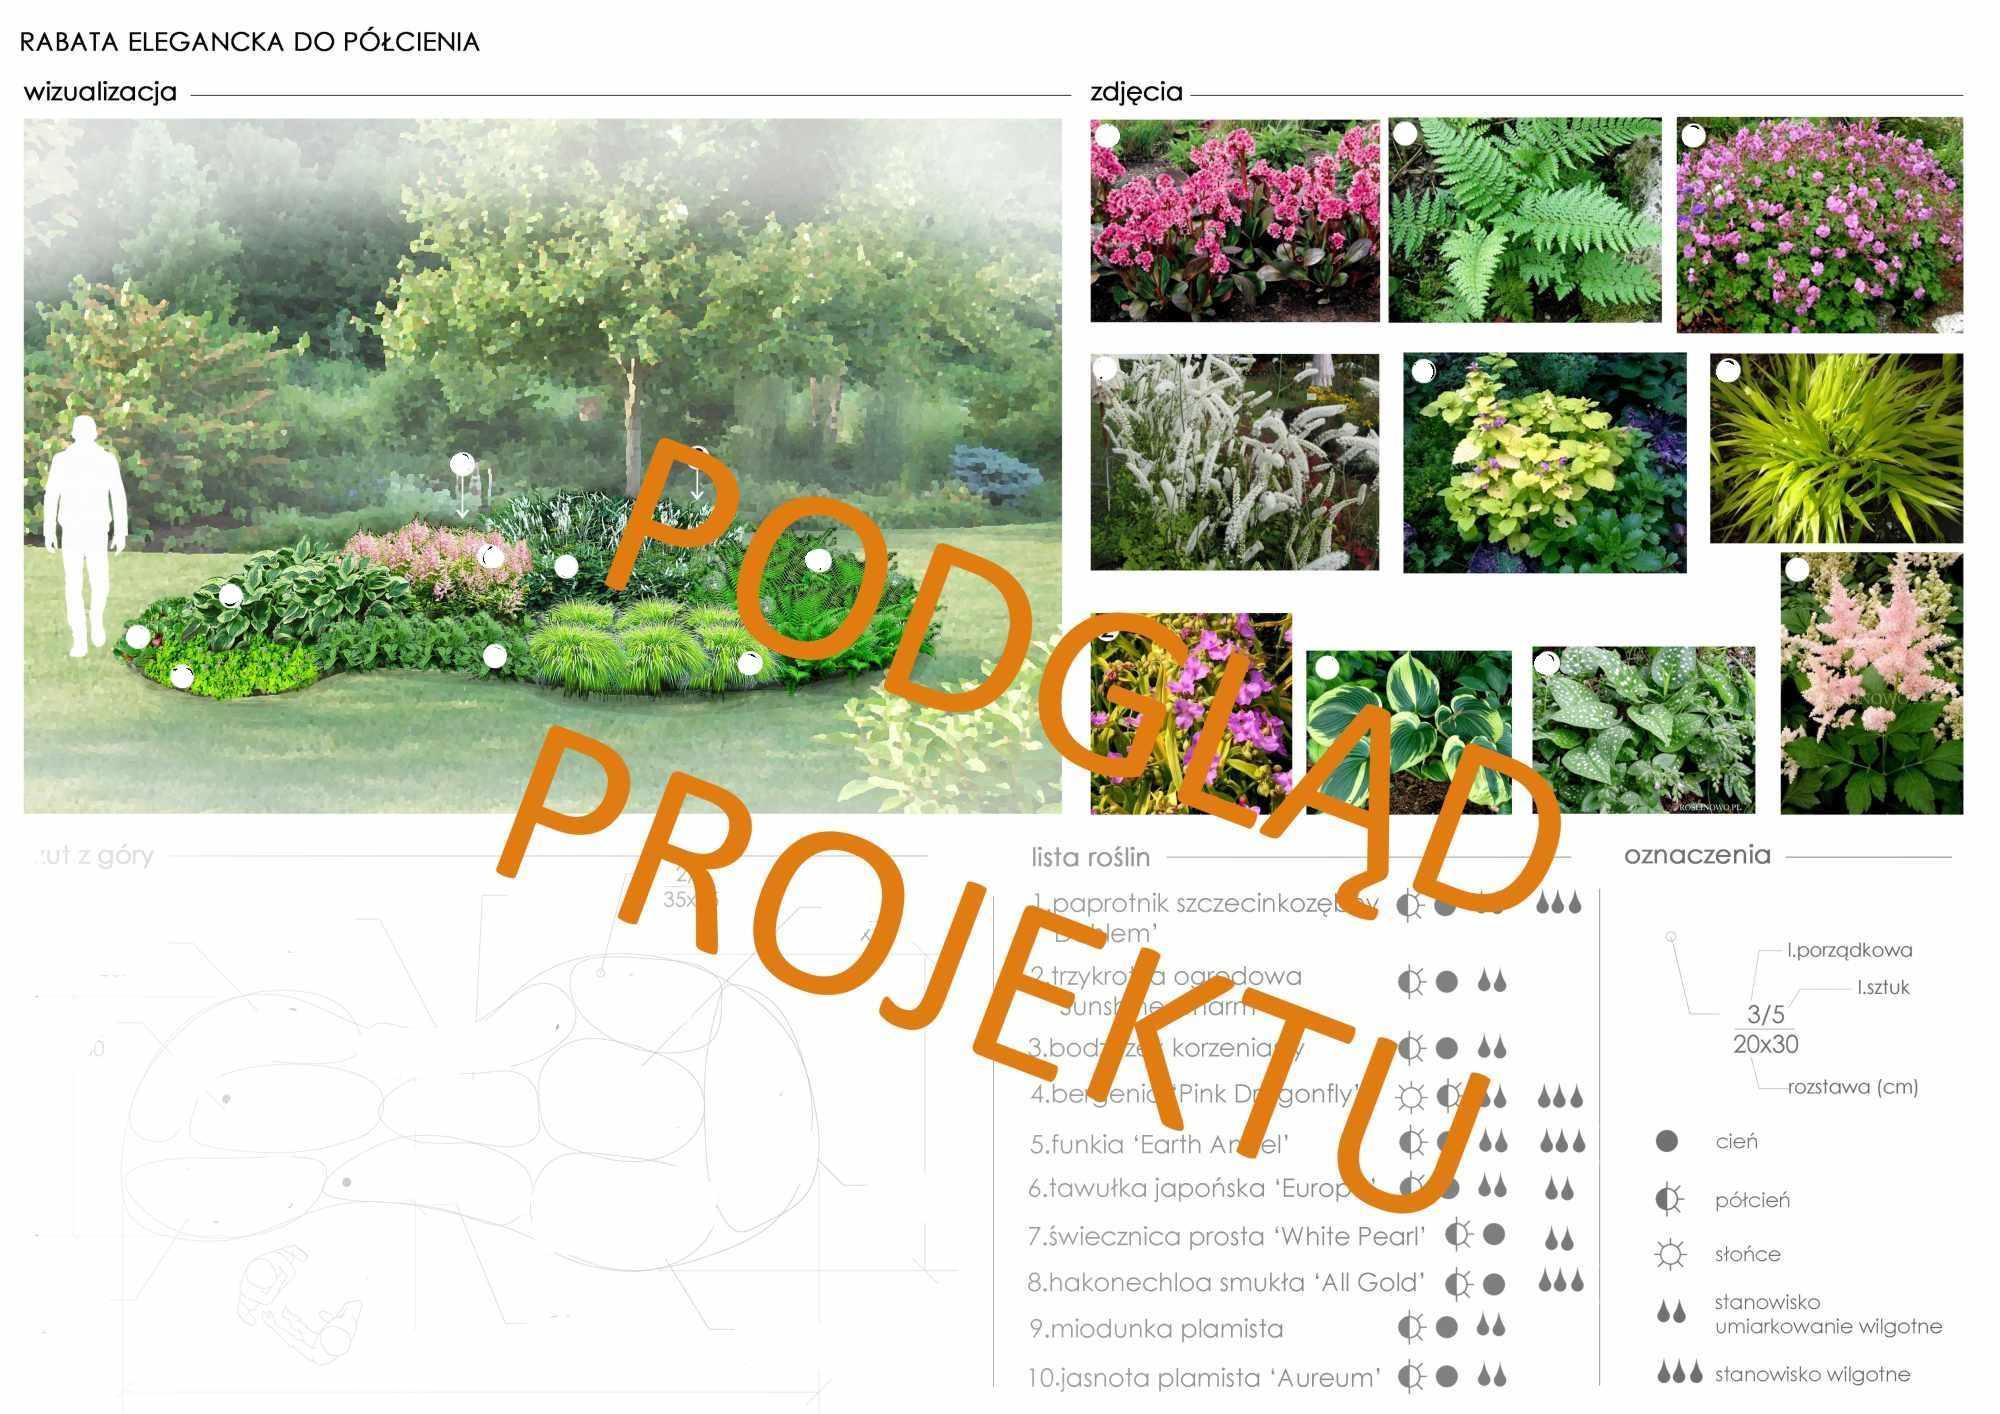 projekt nasadzeń roślin rabaty eleganckiej do półcienia